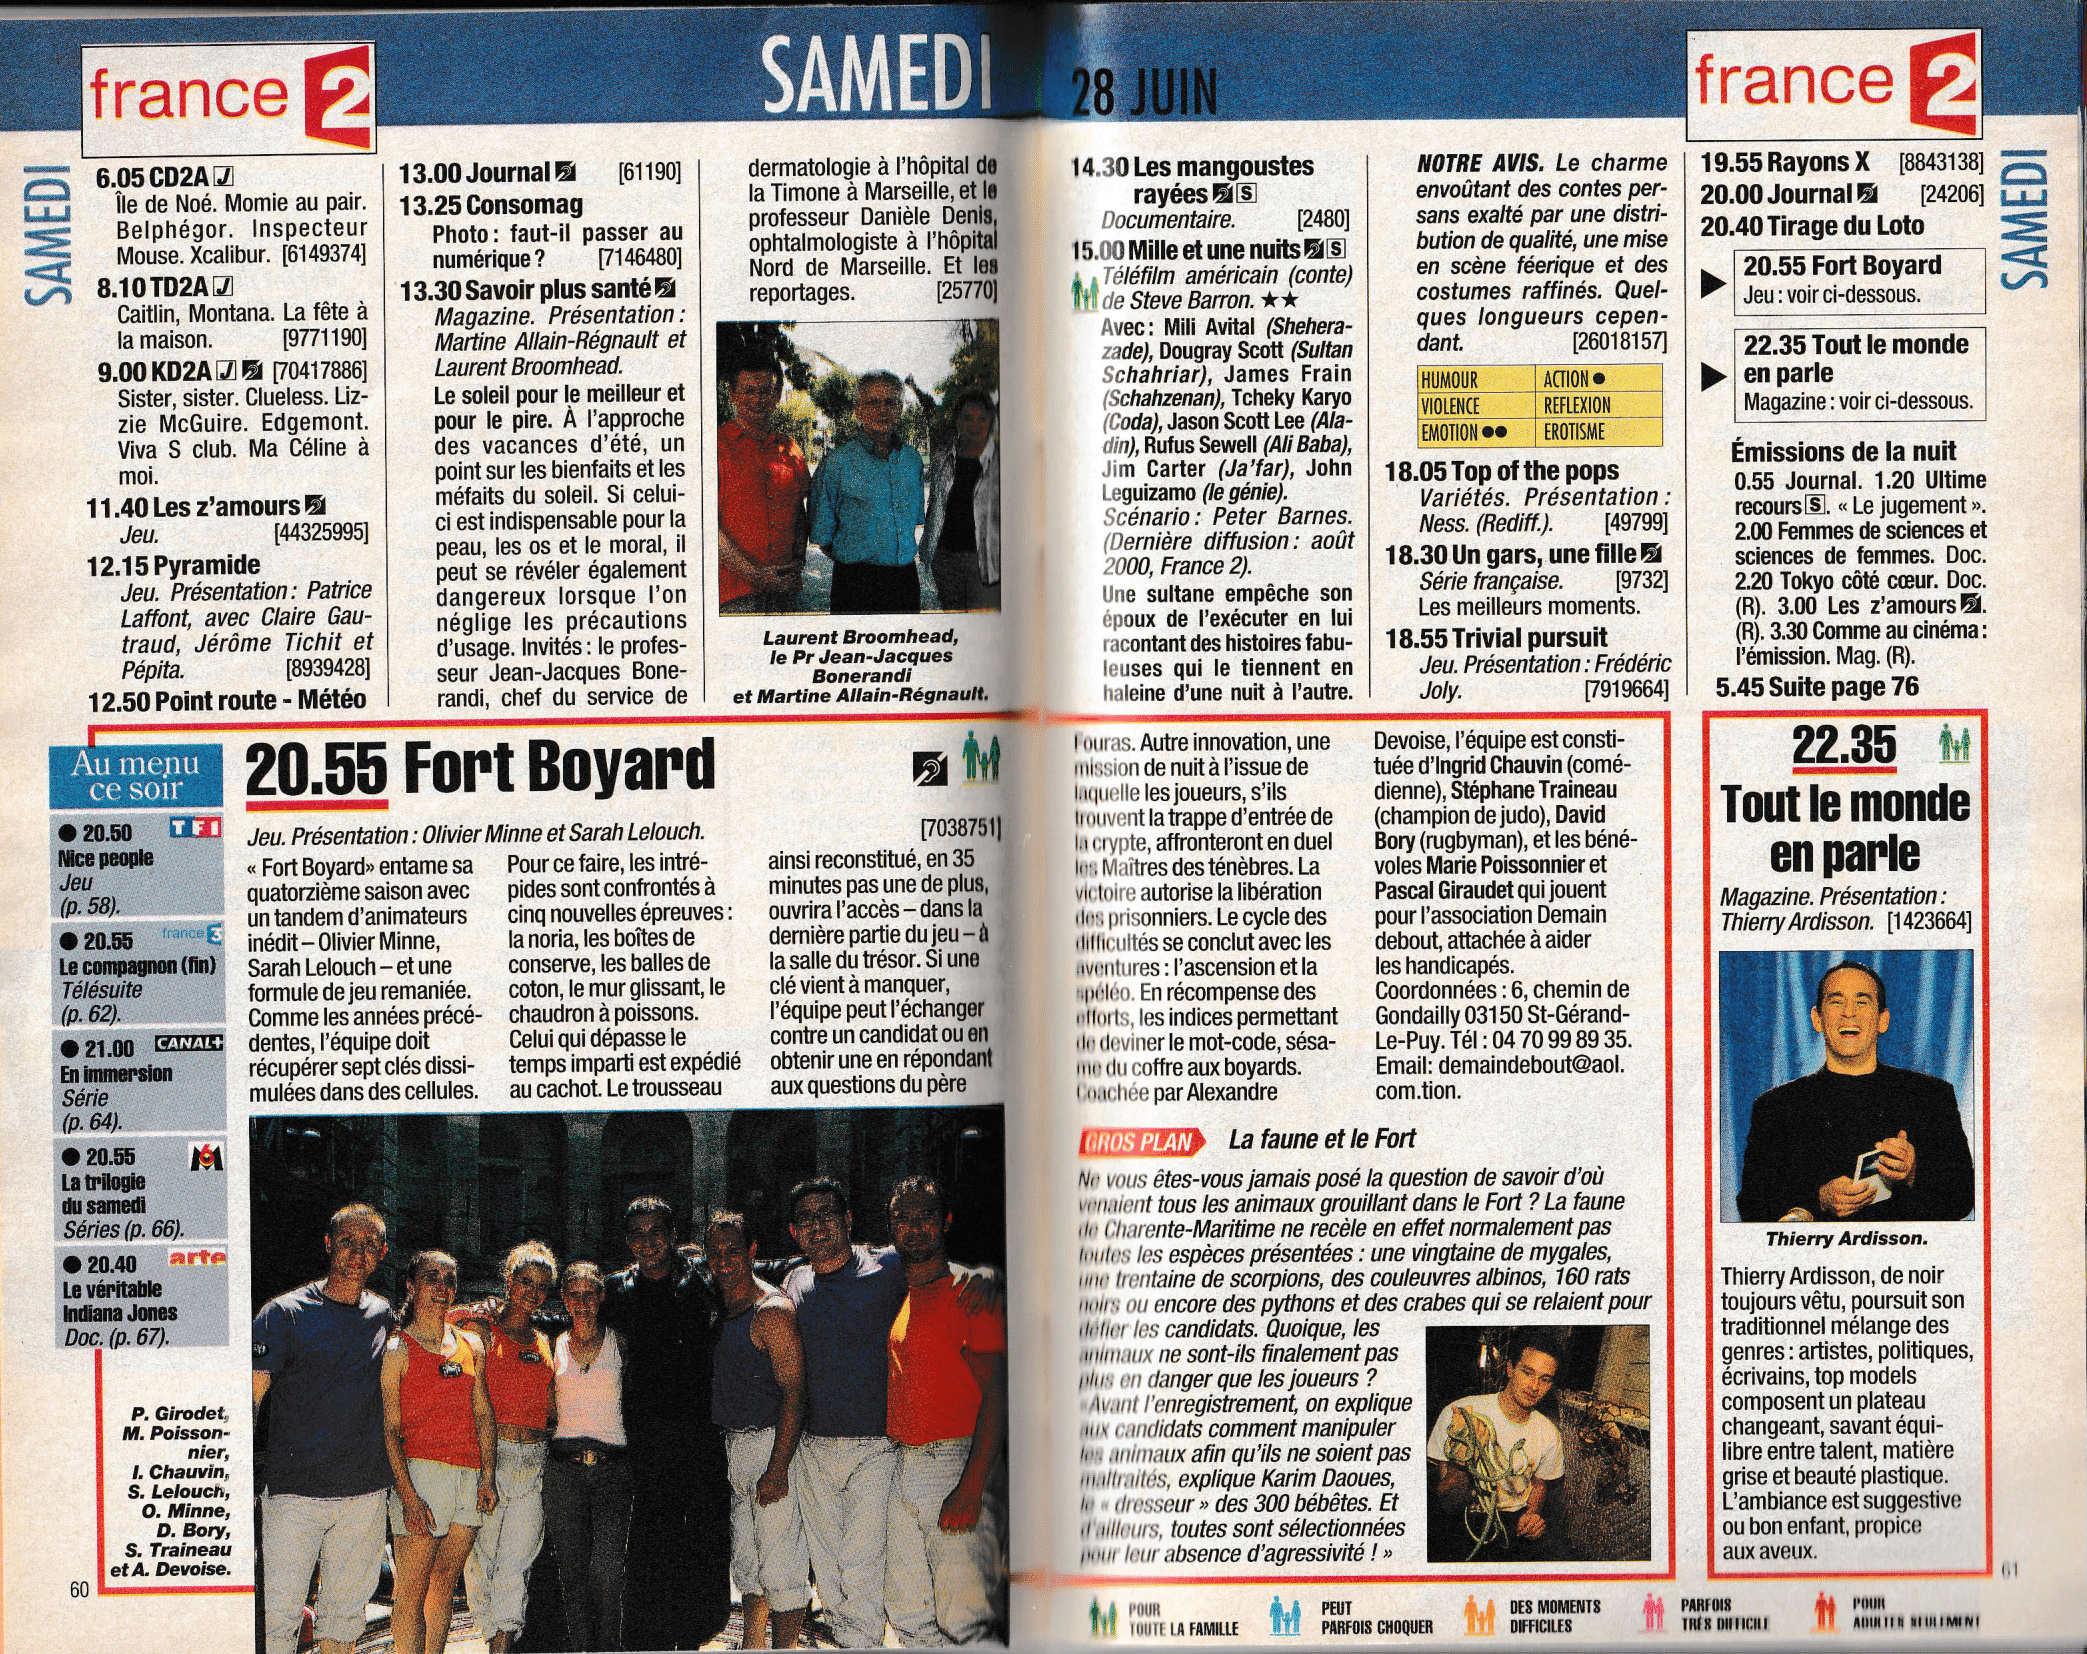 Articles de presse depuis 1990 - Page 2 Fb_tzo13